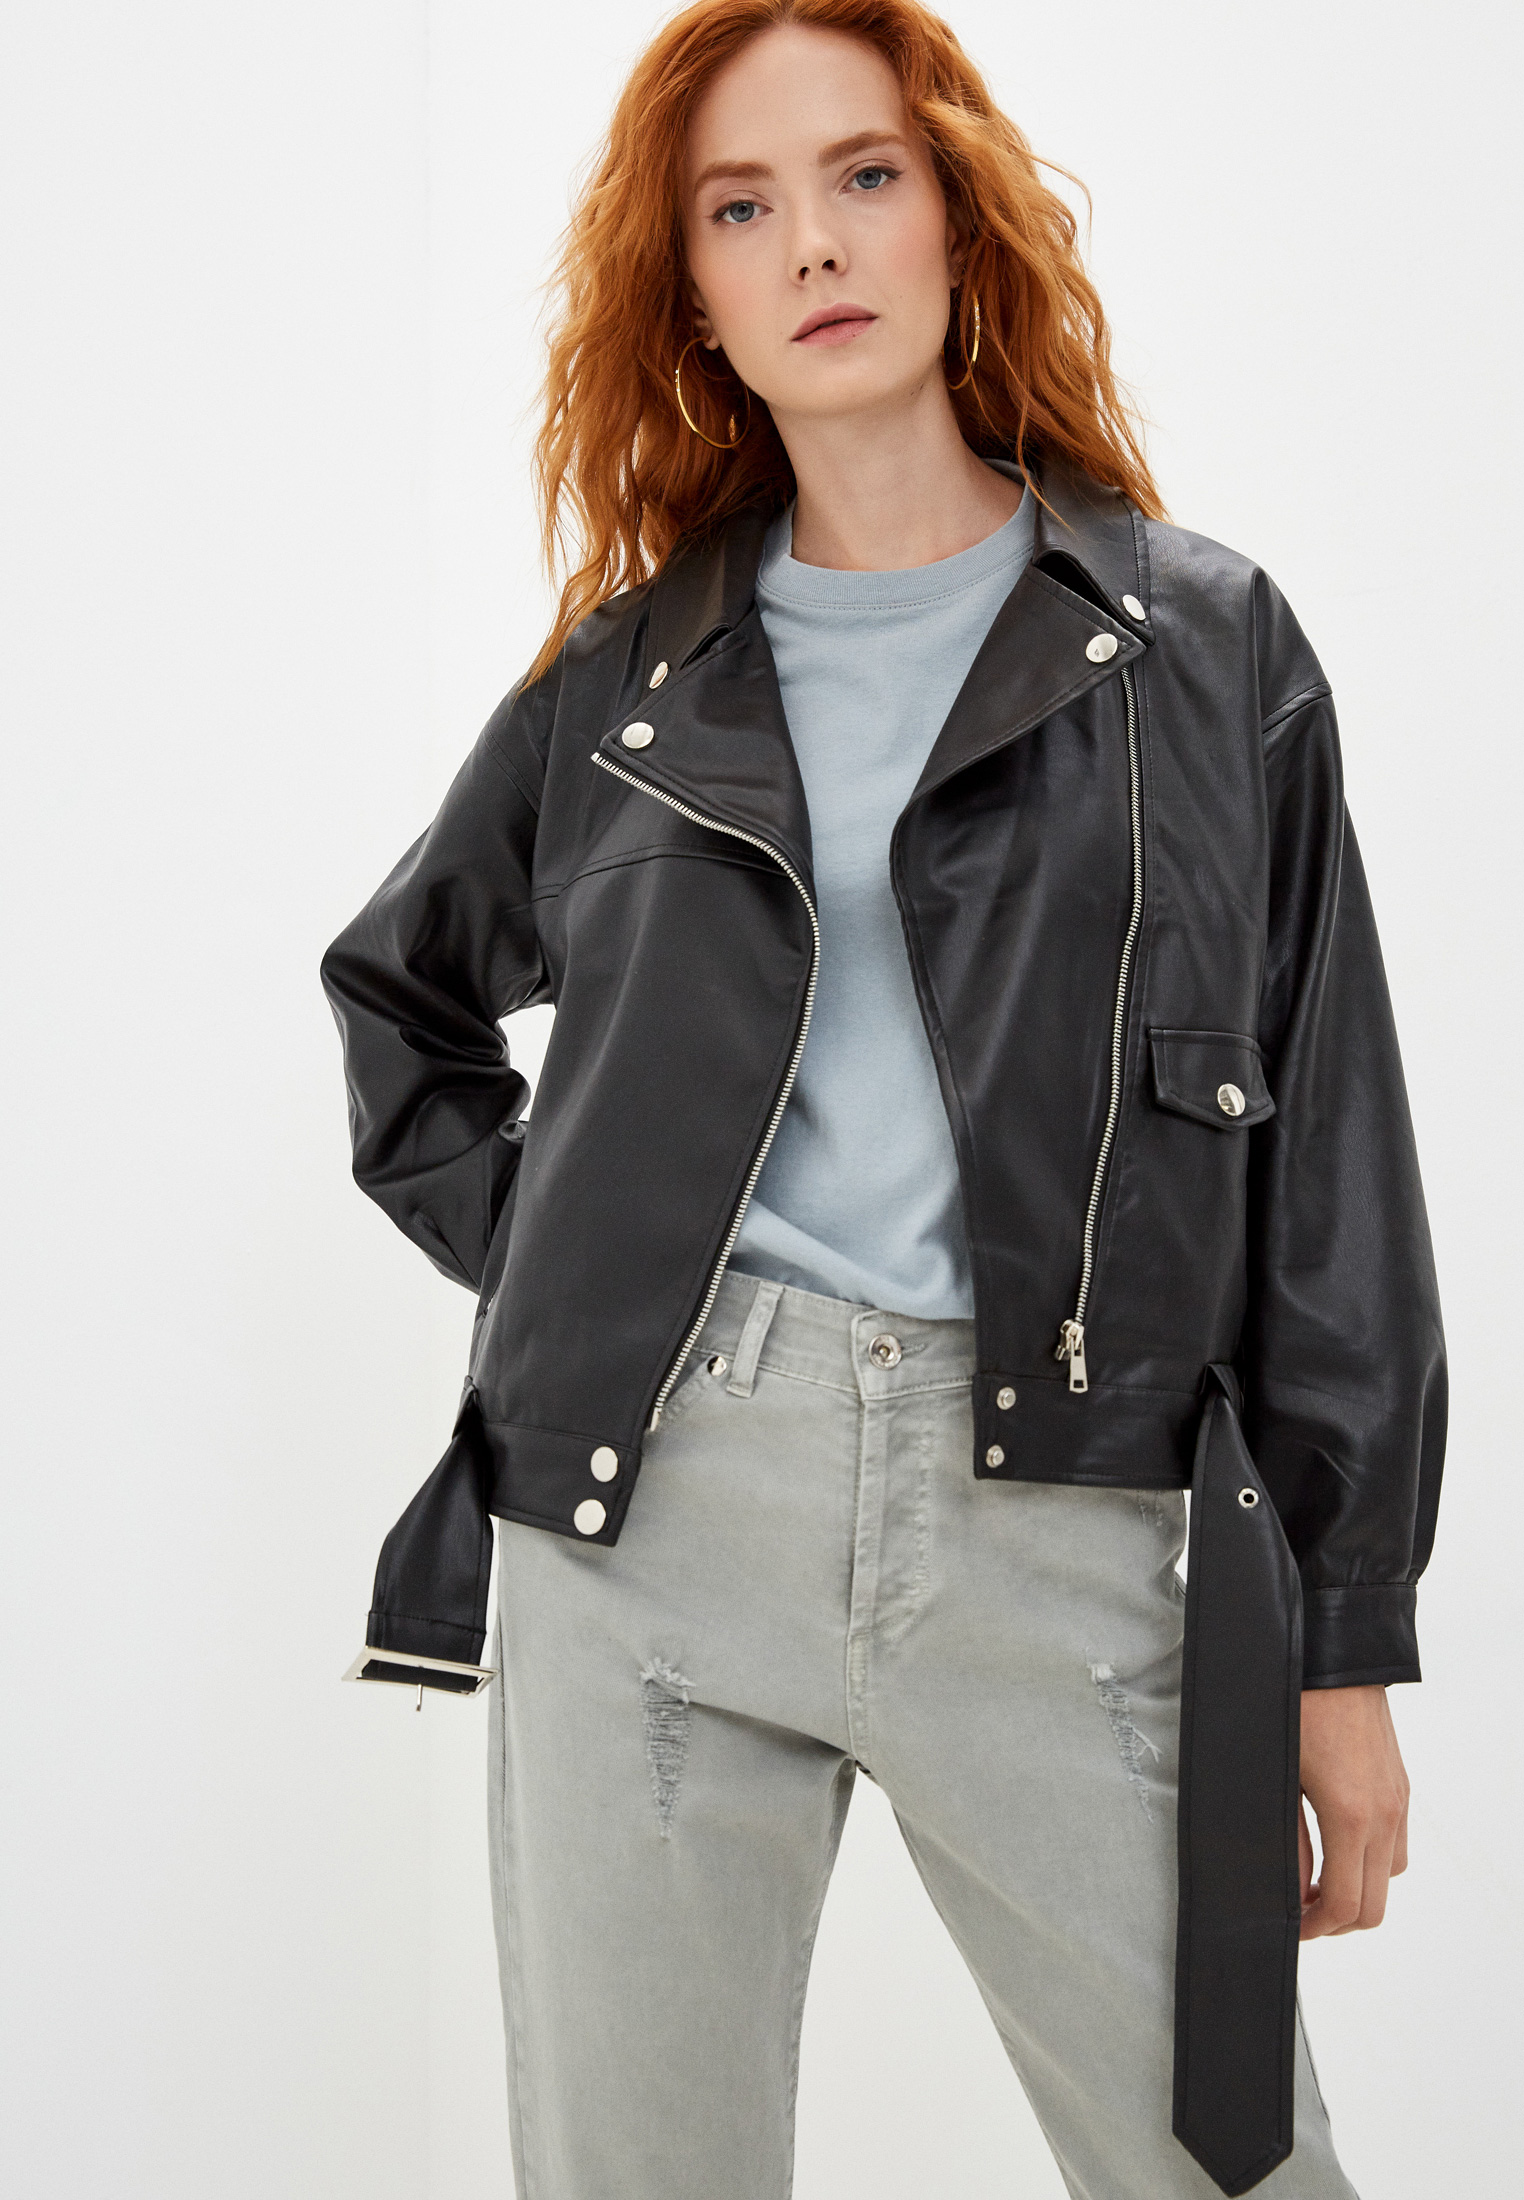 Кожаная куртка Diverius 10358d